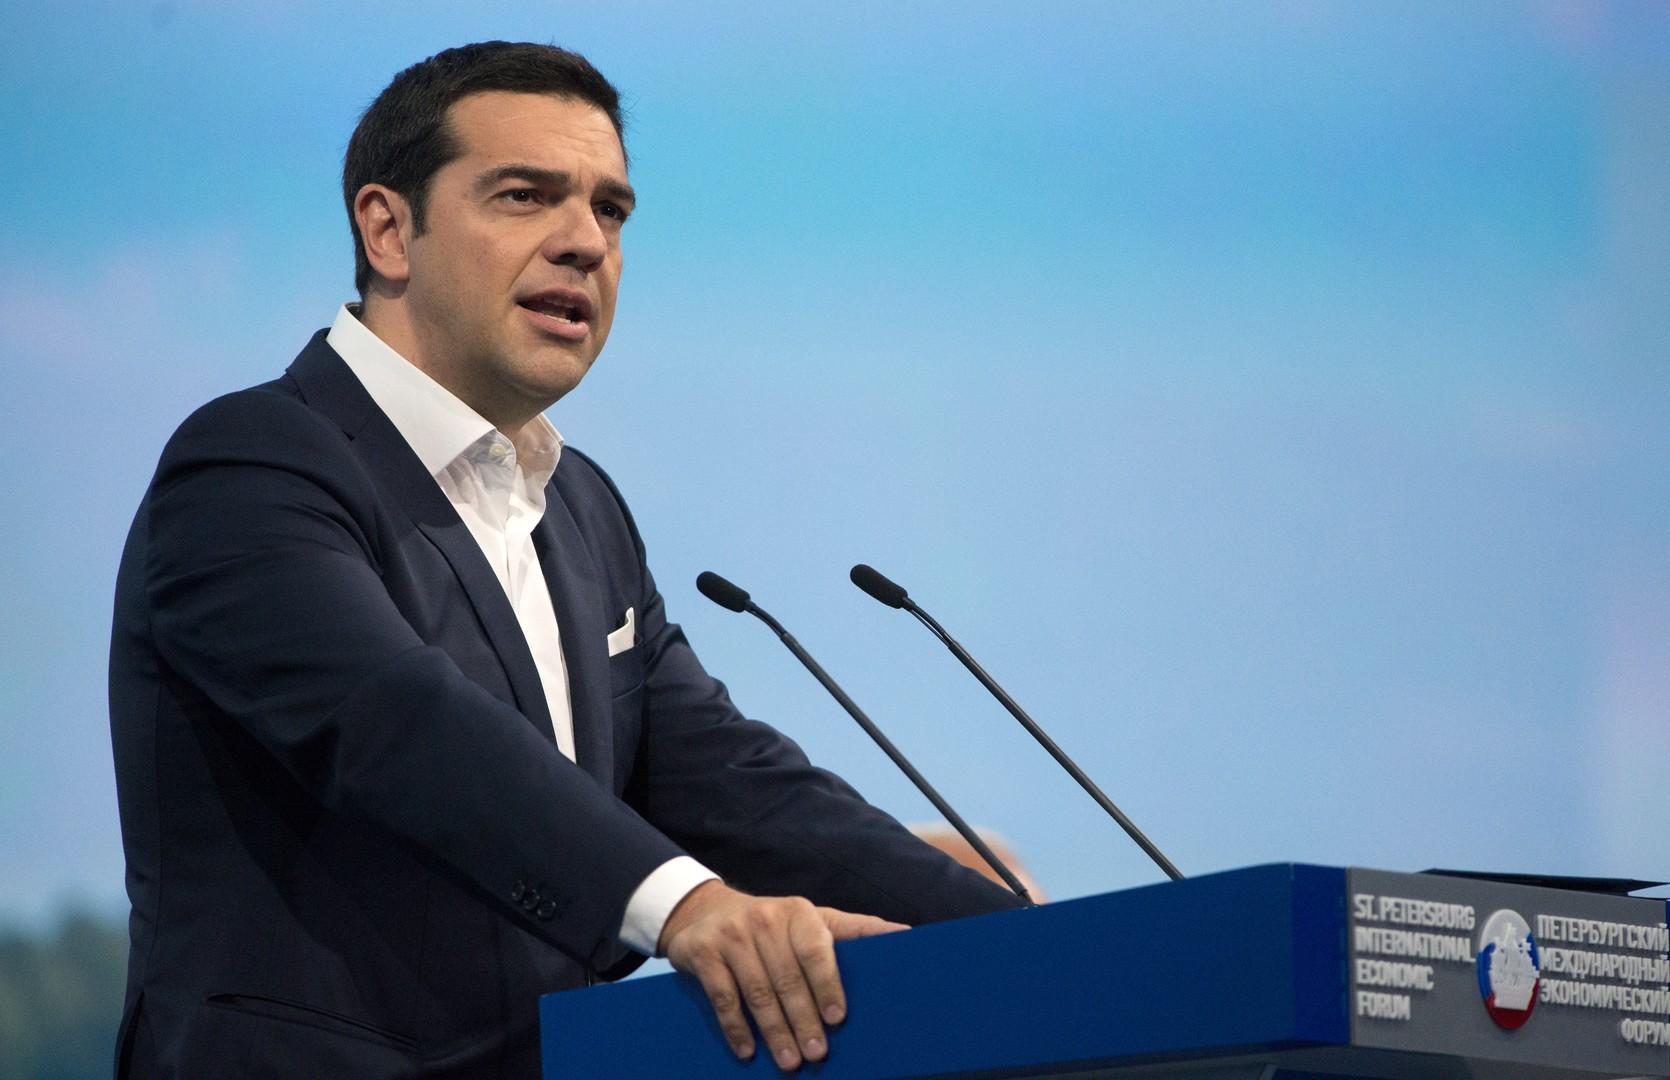 Премьер-министр Алексис Ципрас. По данным соцопросов, его поддерживают большинство греков, считая борцом с беспринципными кредиторами.